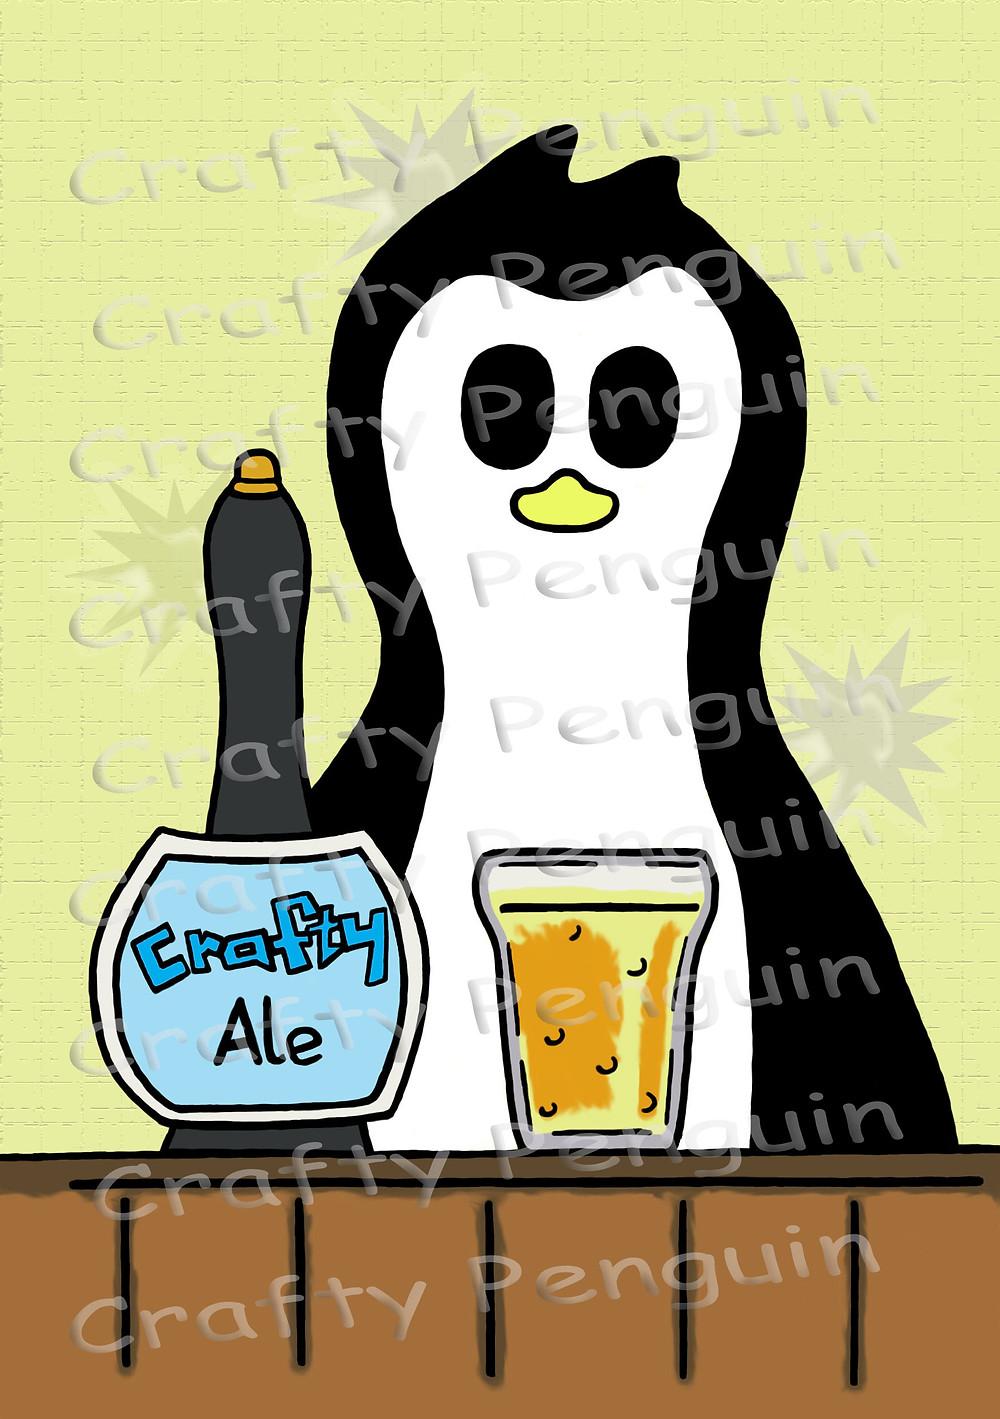 Crafty Penguin Beer design